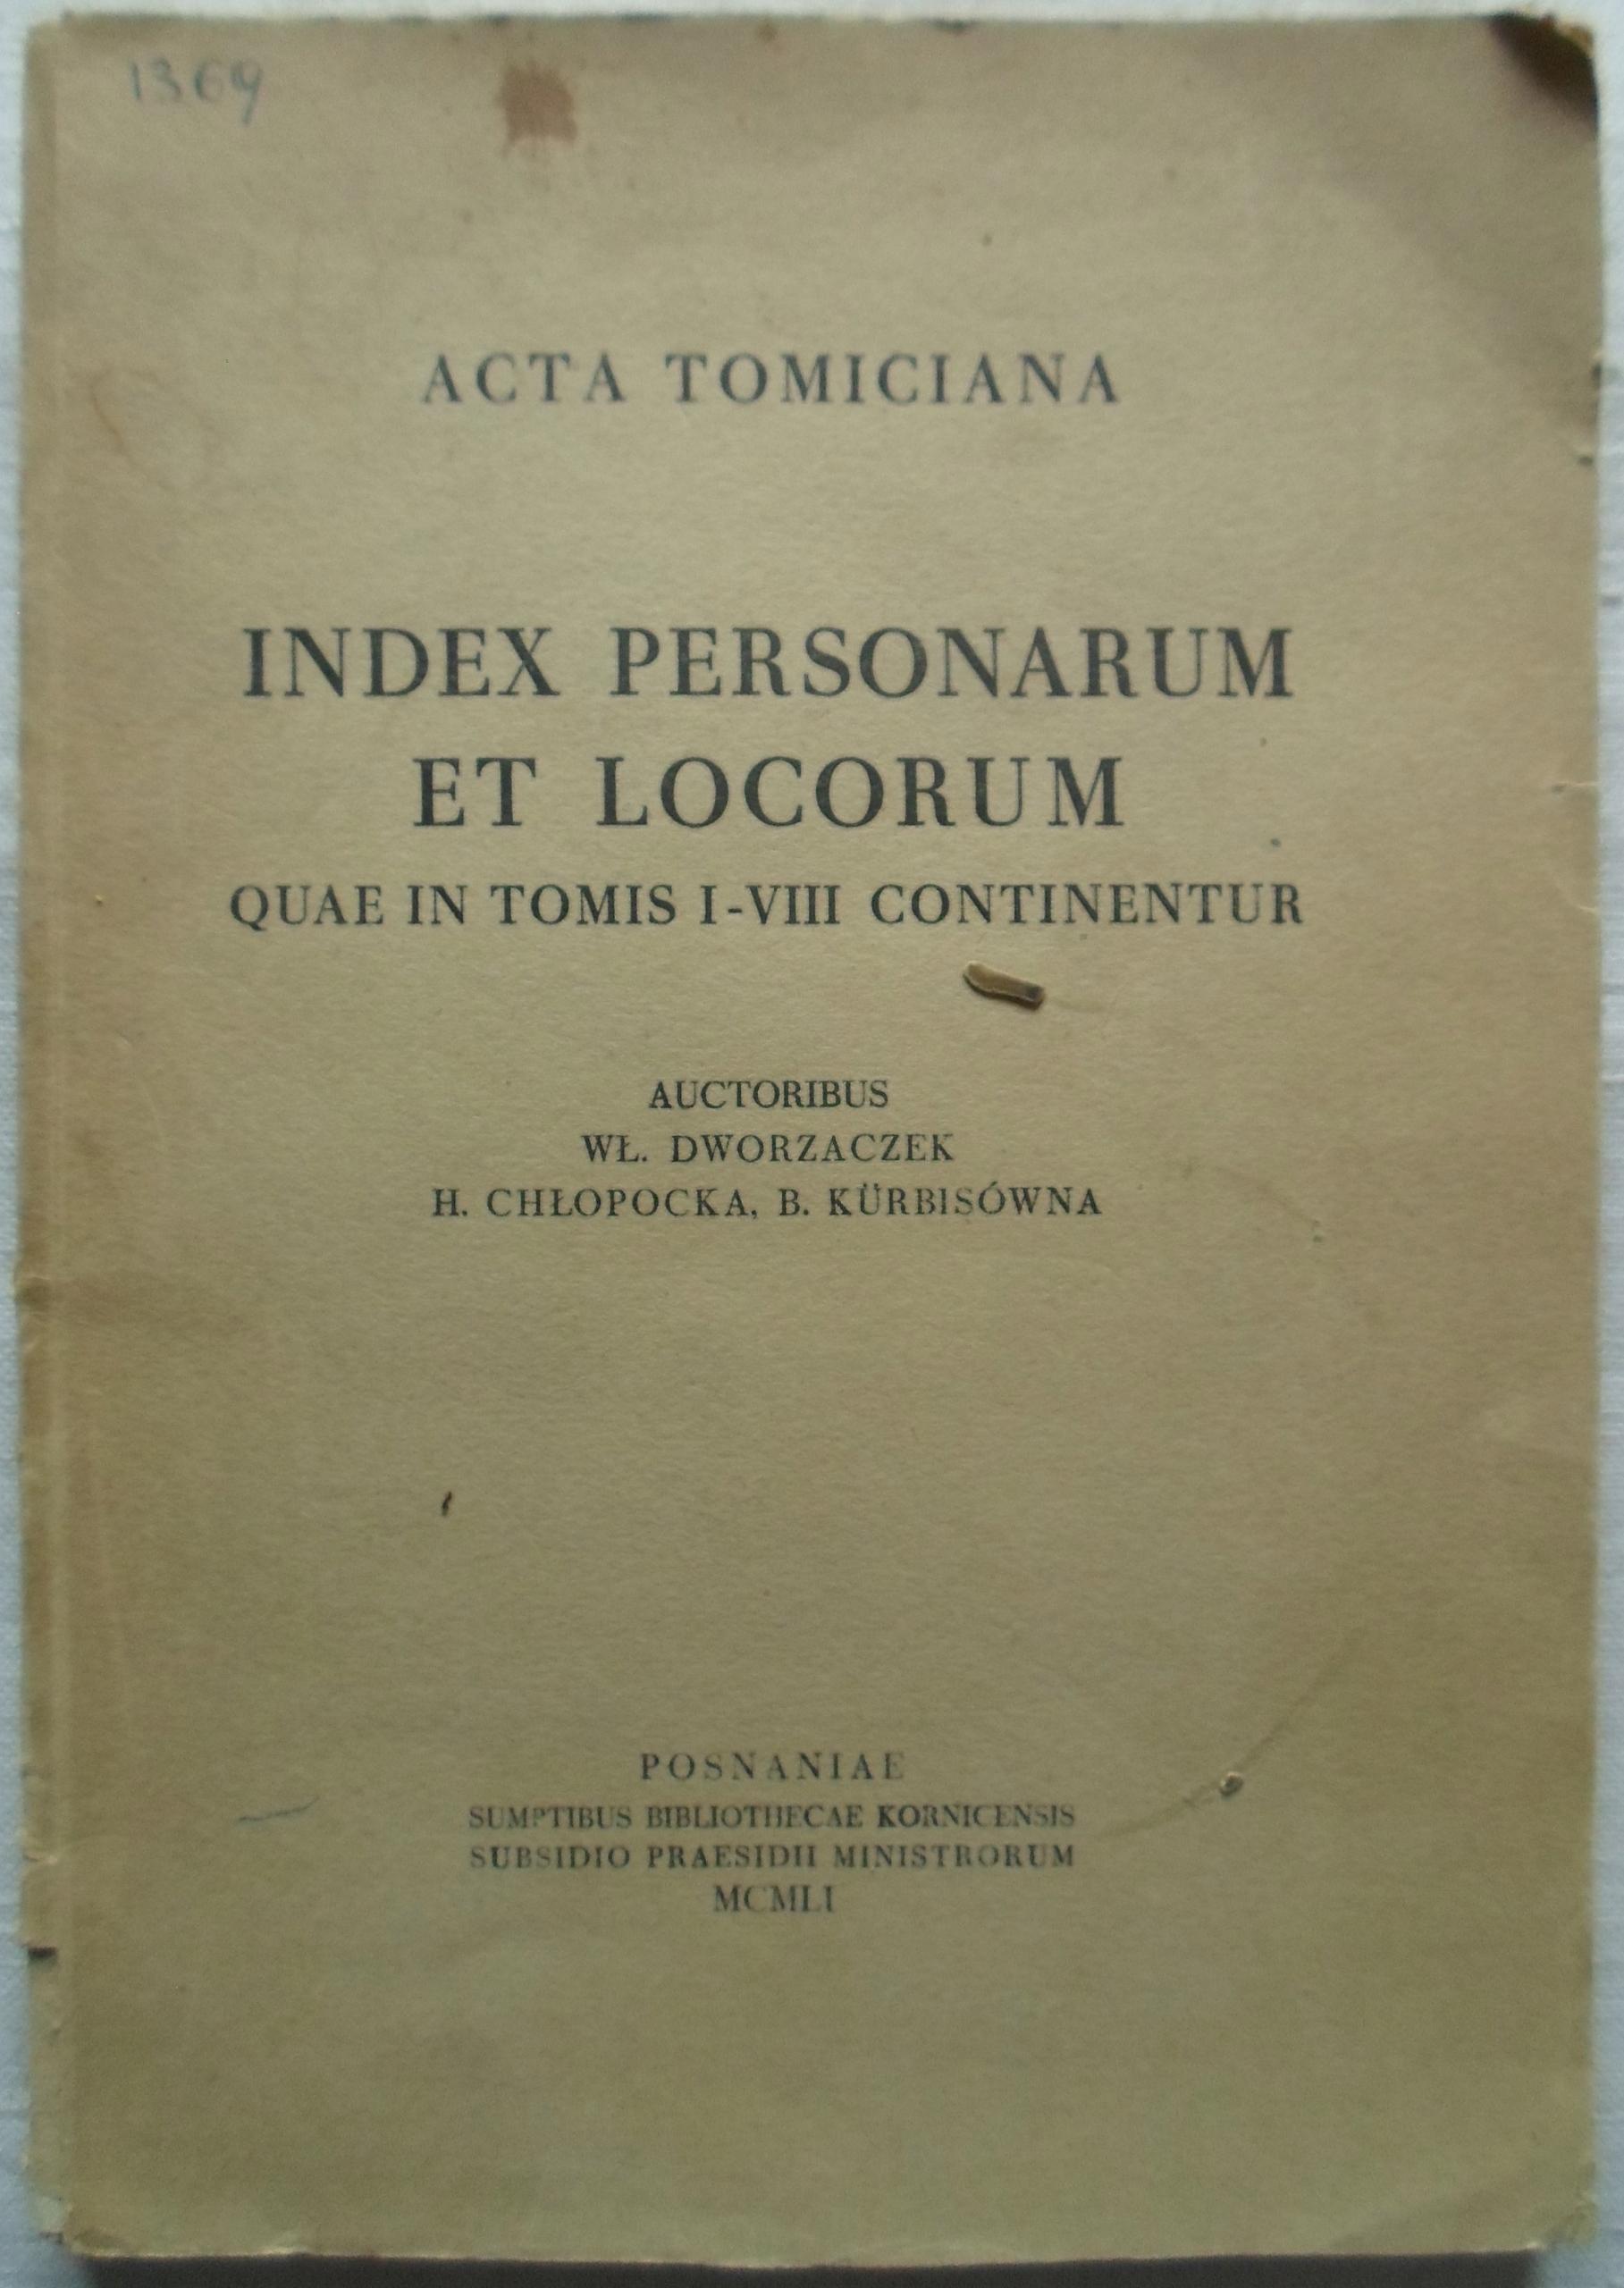 Acta Tomiciana Index personarum et locorum